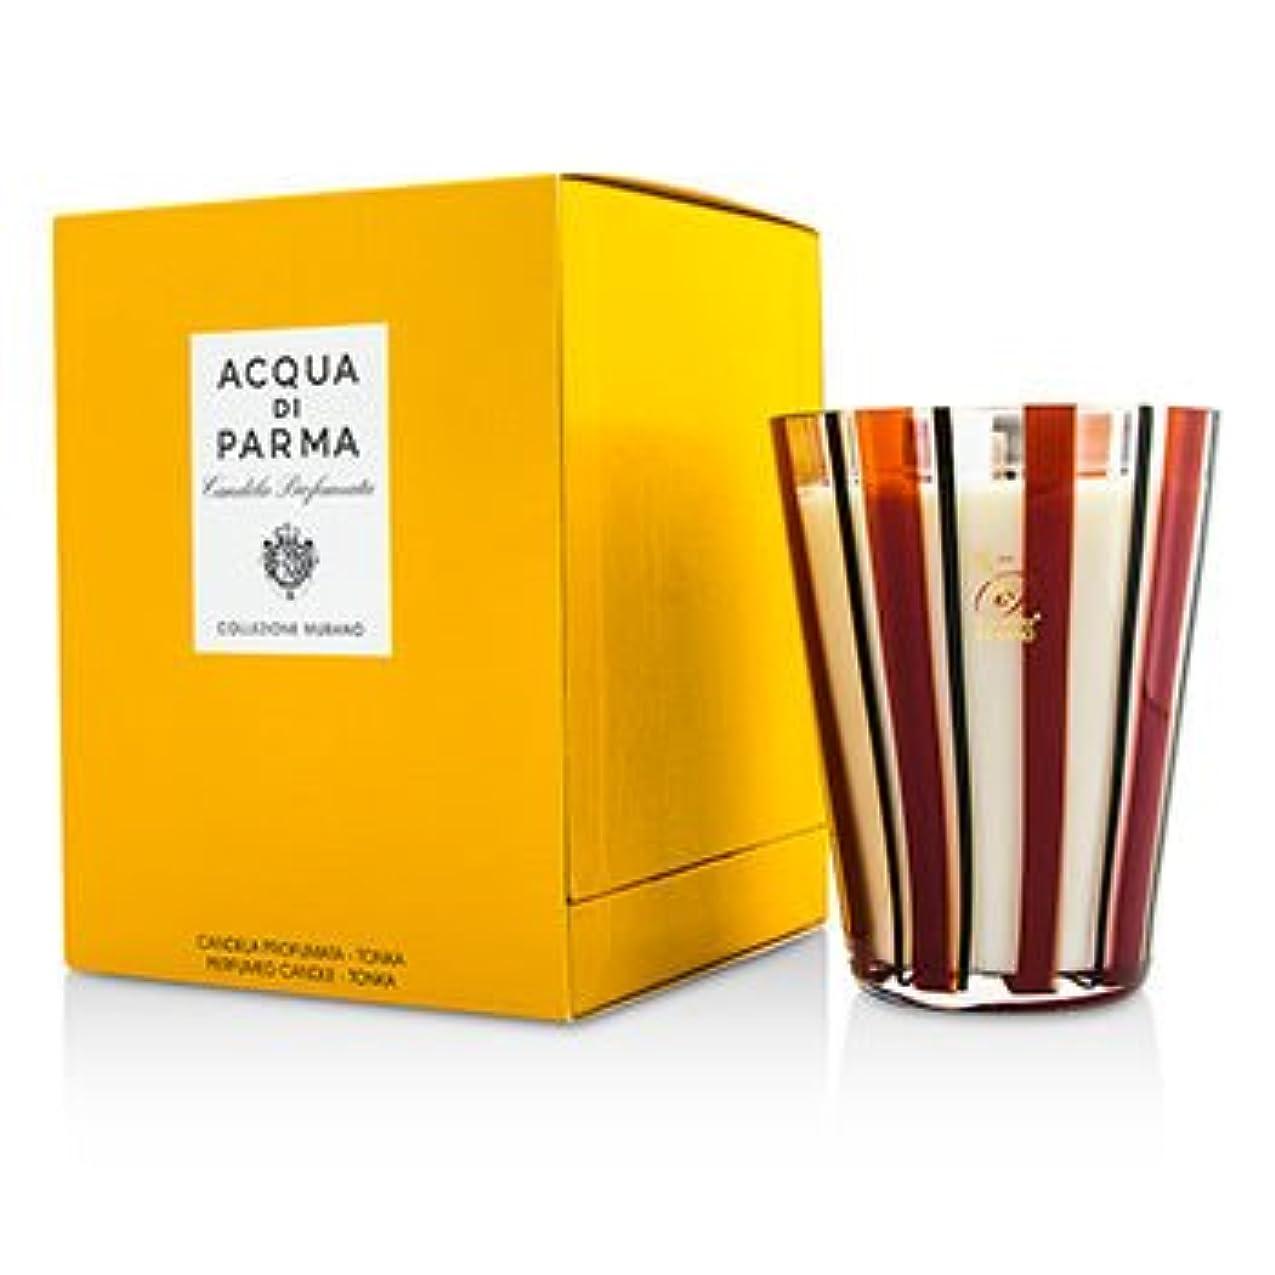 アイスクリームむさぼり食うの慈悲で[Acqua Di Parma] Murano Glass Perfumed Candle - Tonka 200g/7.05oz